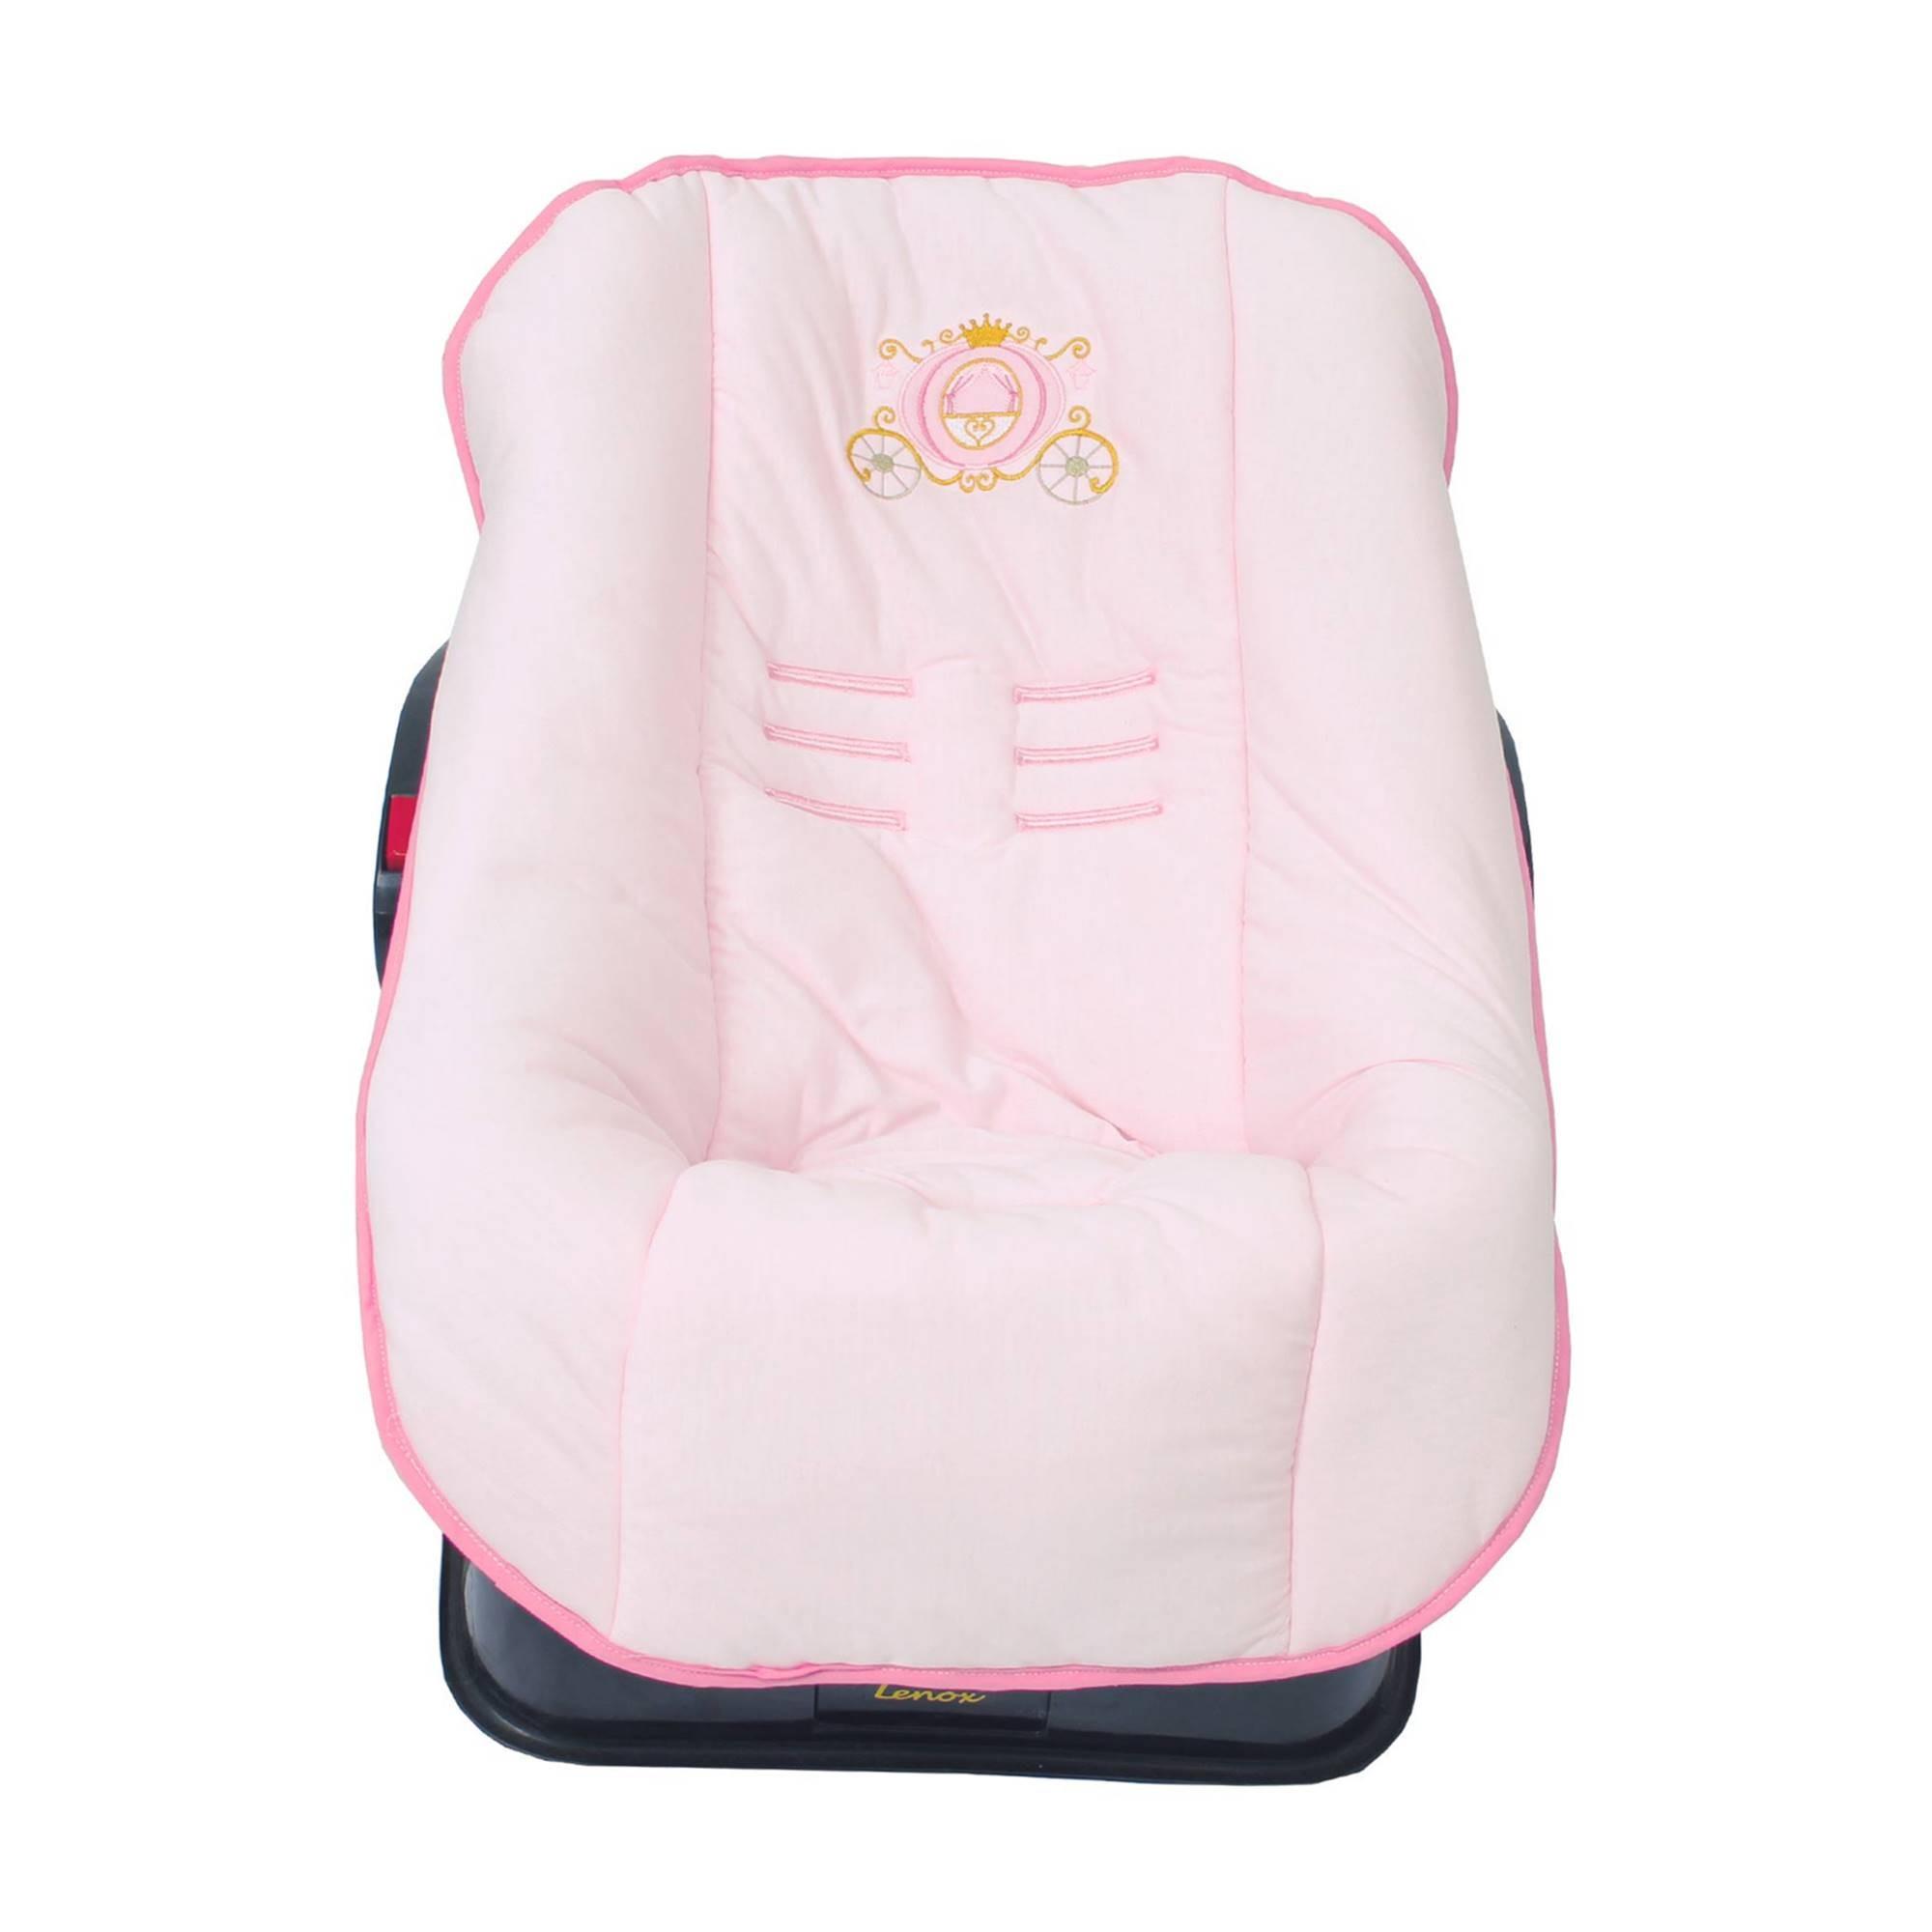 Capa de Bebê Conforto em Malha Castelo